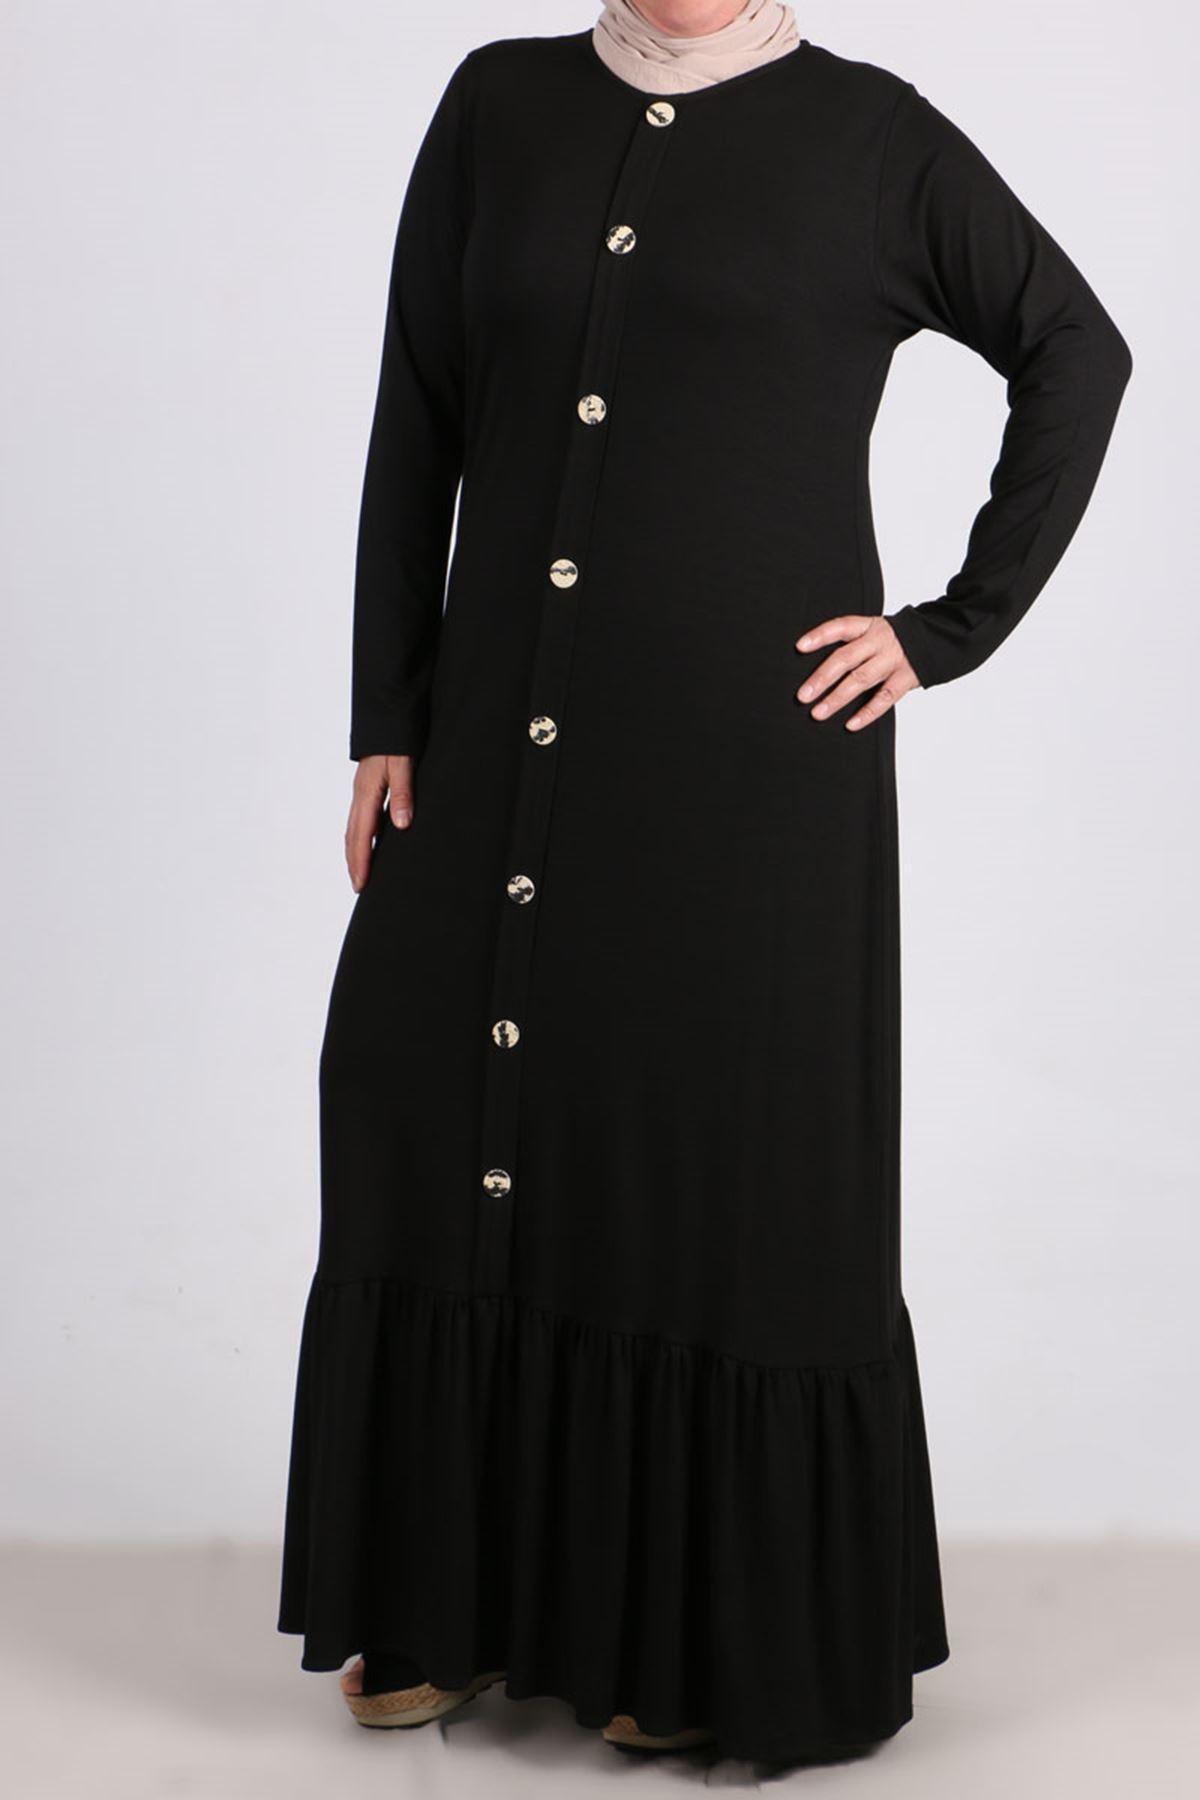 2090 Büyük Beden Önü Düğmeli Penye Elbise - Siyah